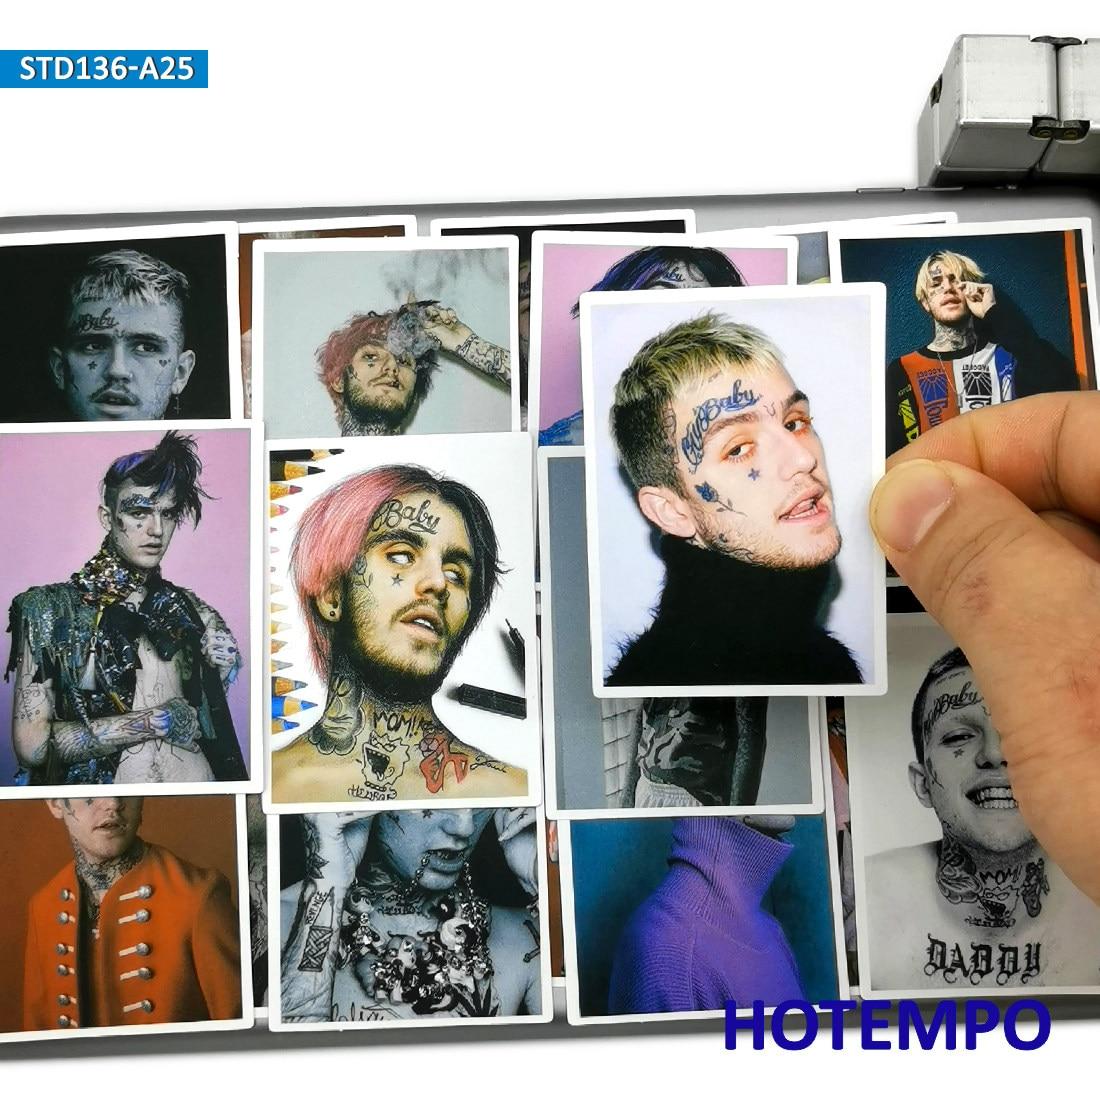 25 шт. США Рэппер звезда Lil Bo Peep постер Стиль Мода художника наклейка s для мобильного телефона ноутбука чемодан скейтборд наклейка|Наклейки|   | АлиЭкспресс